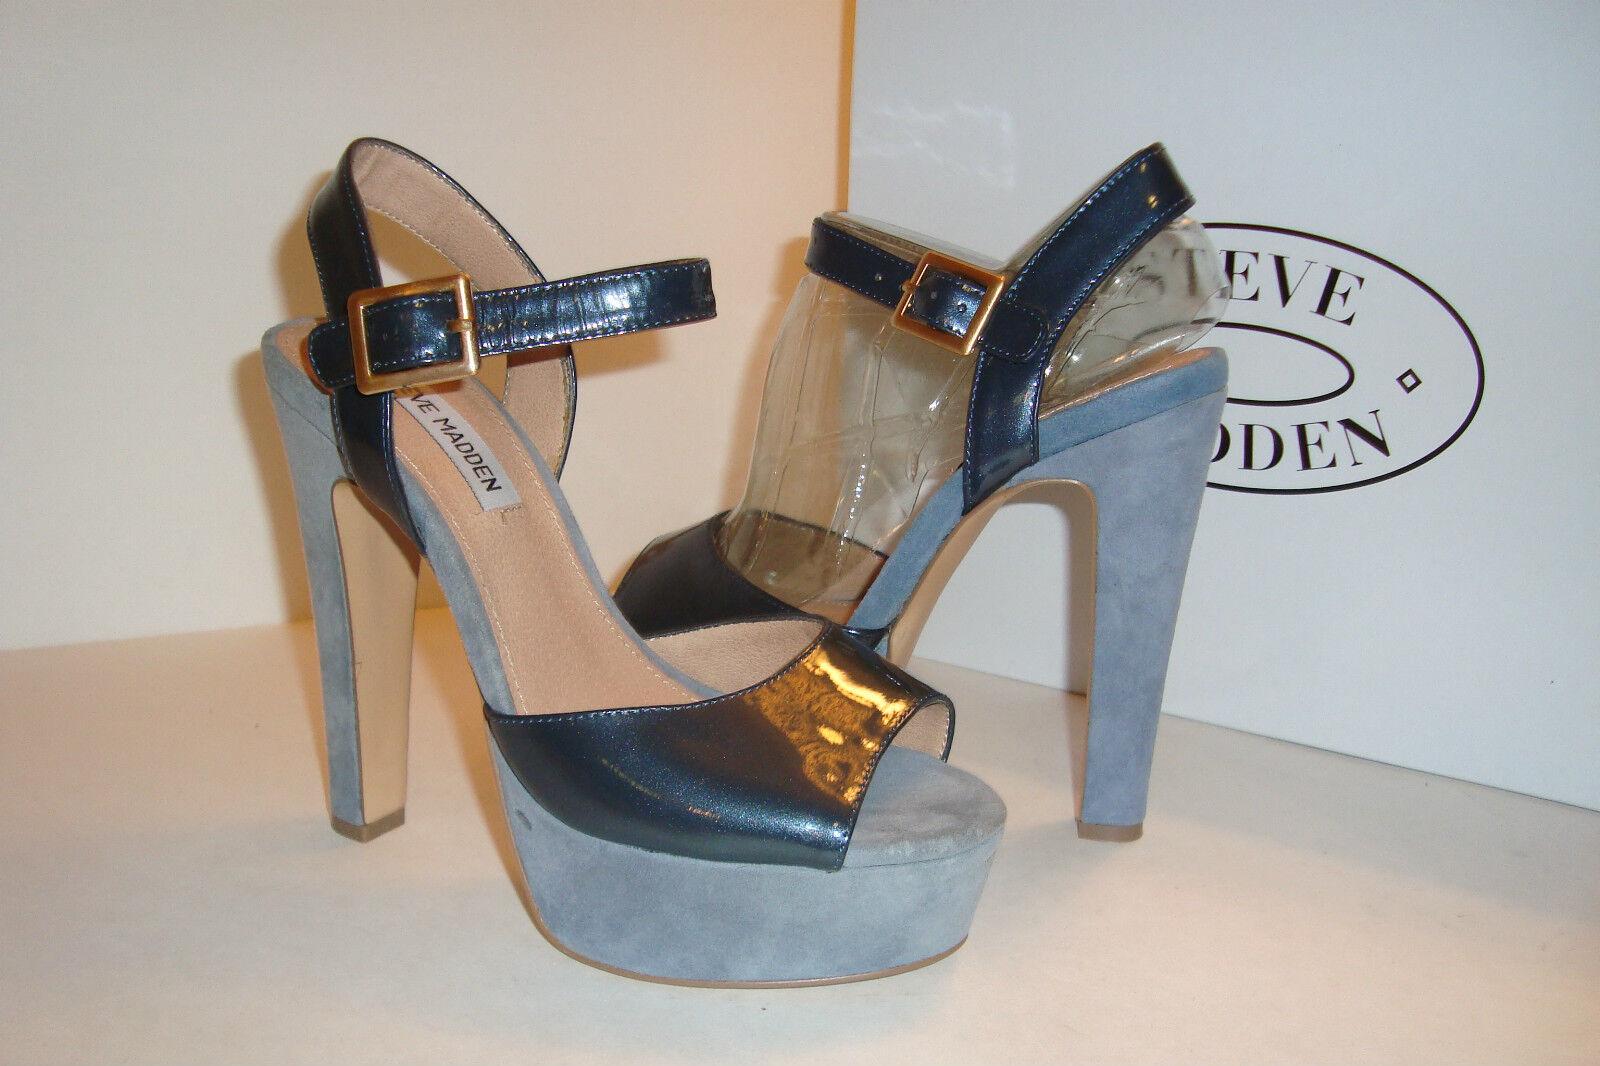 Steve Madden Donna Dynemite Blue Multi Ankle Sandals Shoes 9 MED DISPLAY